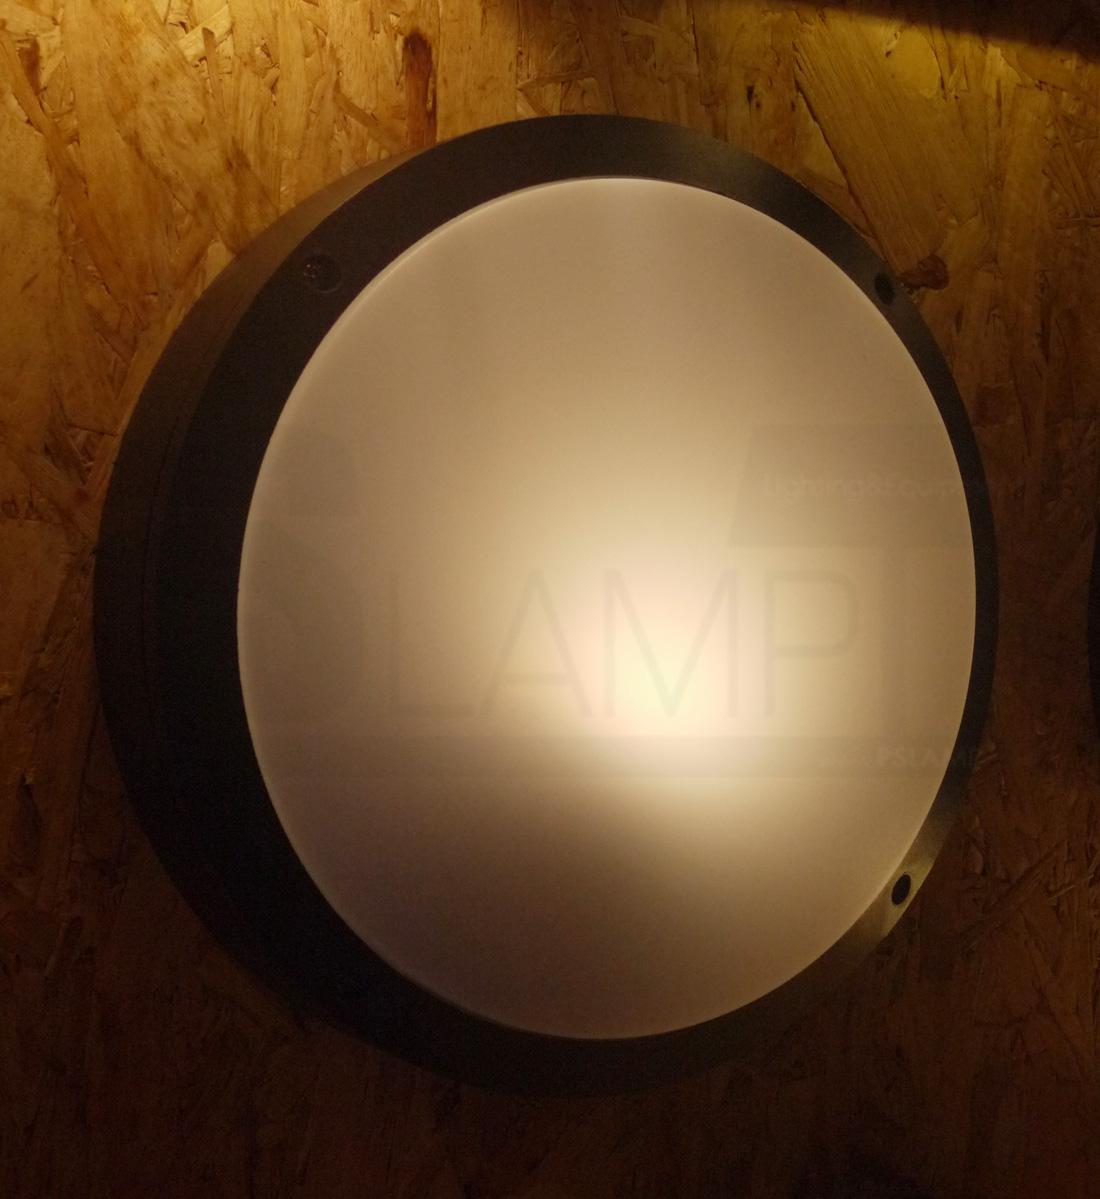 โคมไฟติดผนัง โคมไฟผนัง โคมไฟภายนอก โคมไฟหัวเสา CIRWALL-A